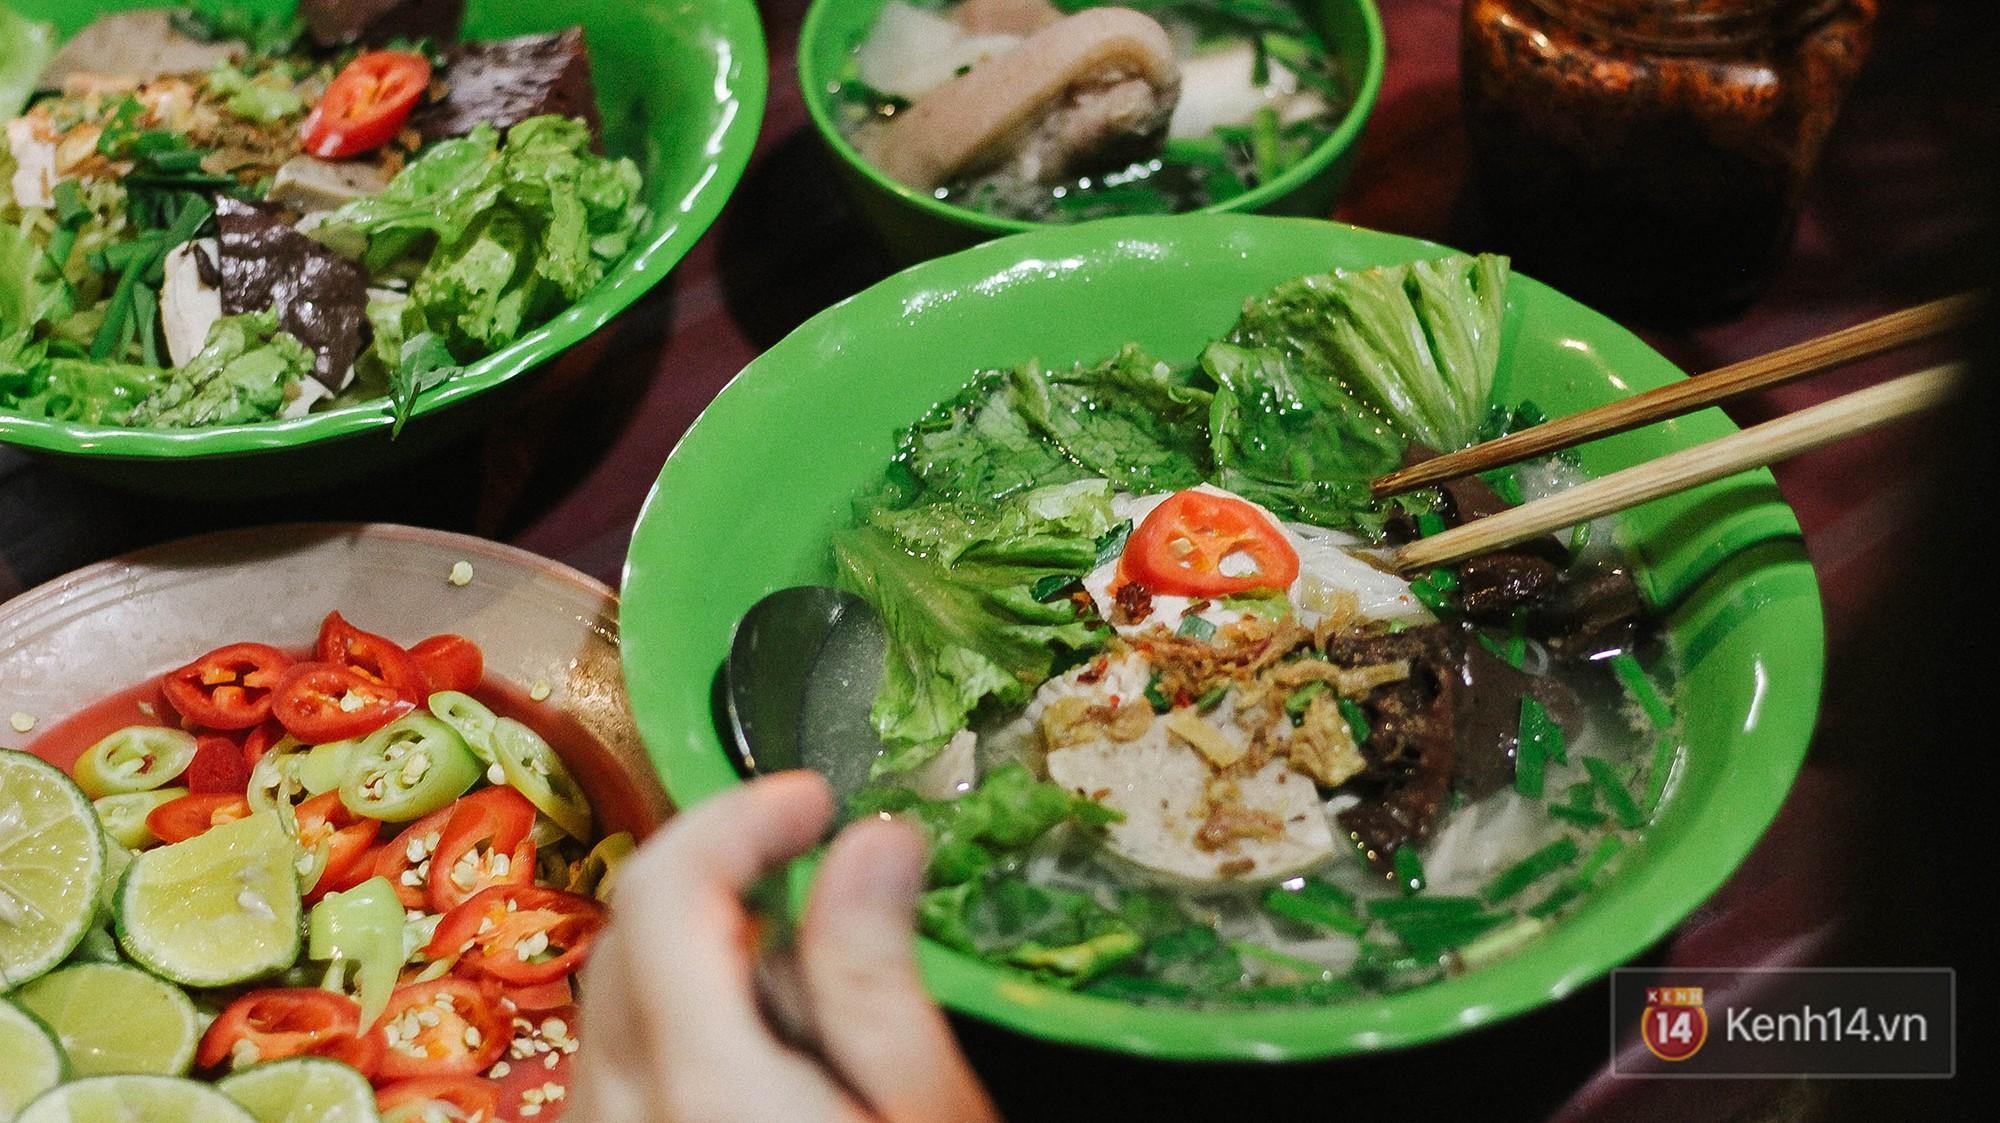 Hủ tiếu gõ: từ món ăn dành cho người nghèo đến một nét văn hoá đặc trưng của Sài Gòn hoa lệ - Ảnh 8.